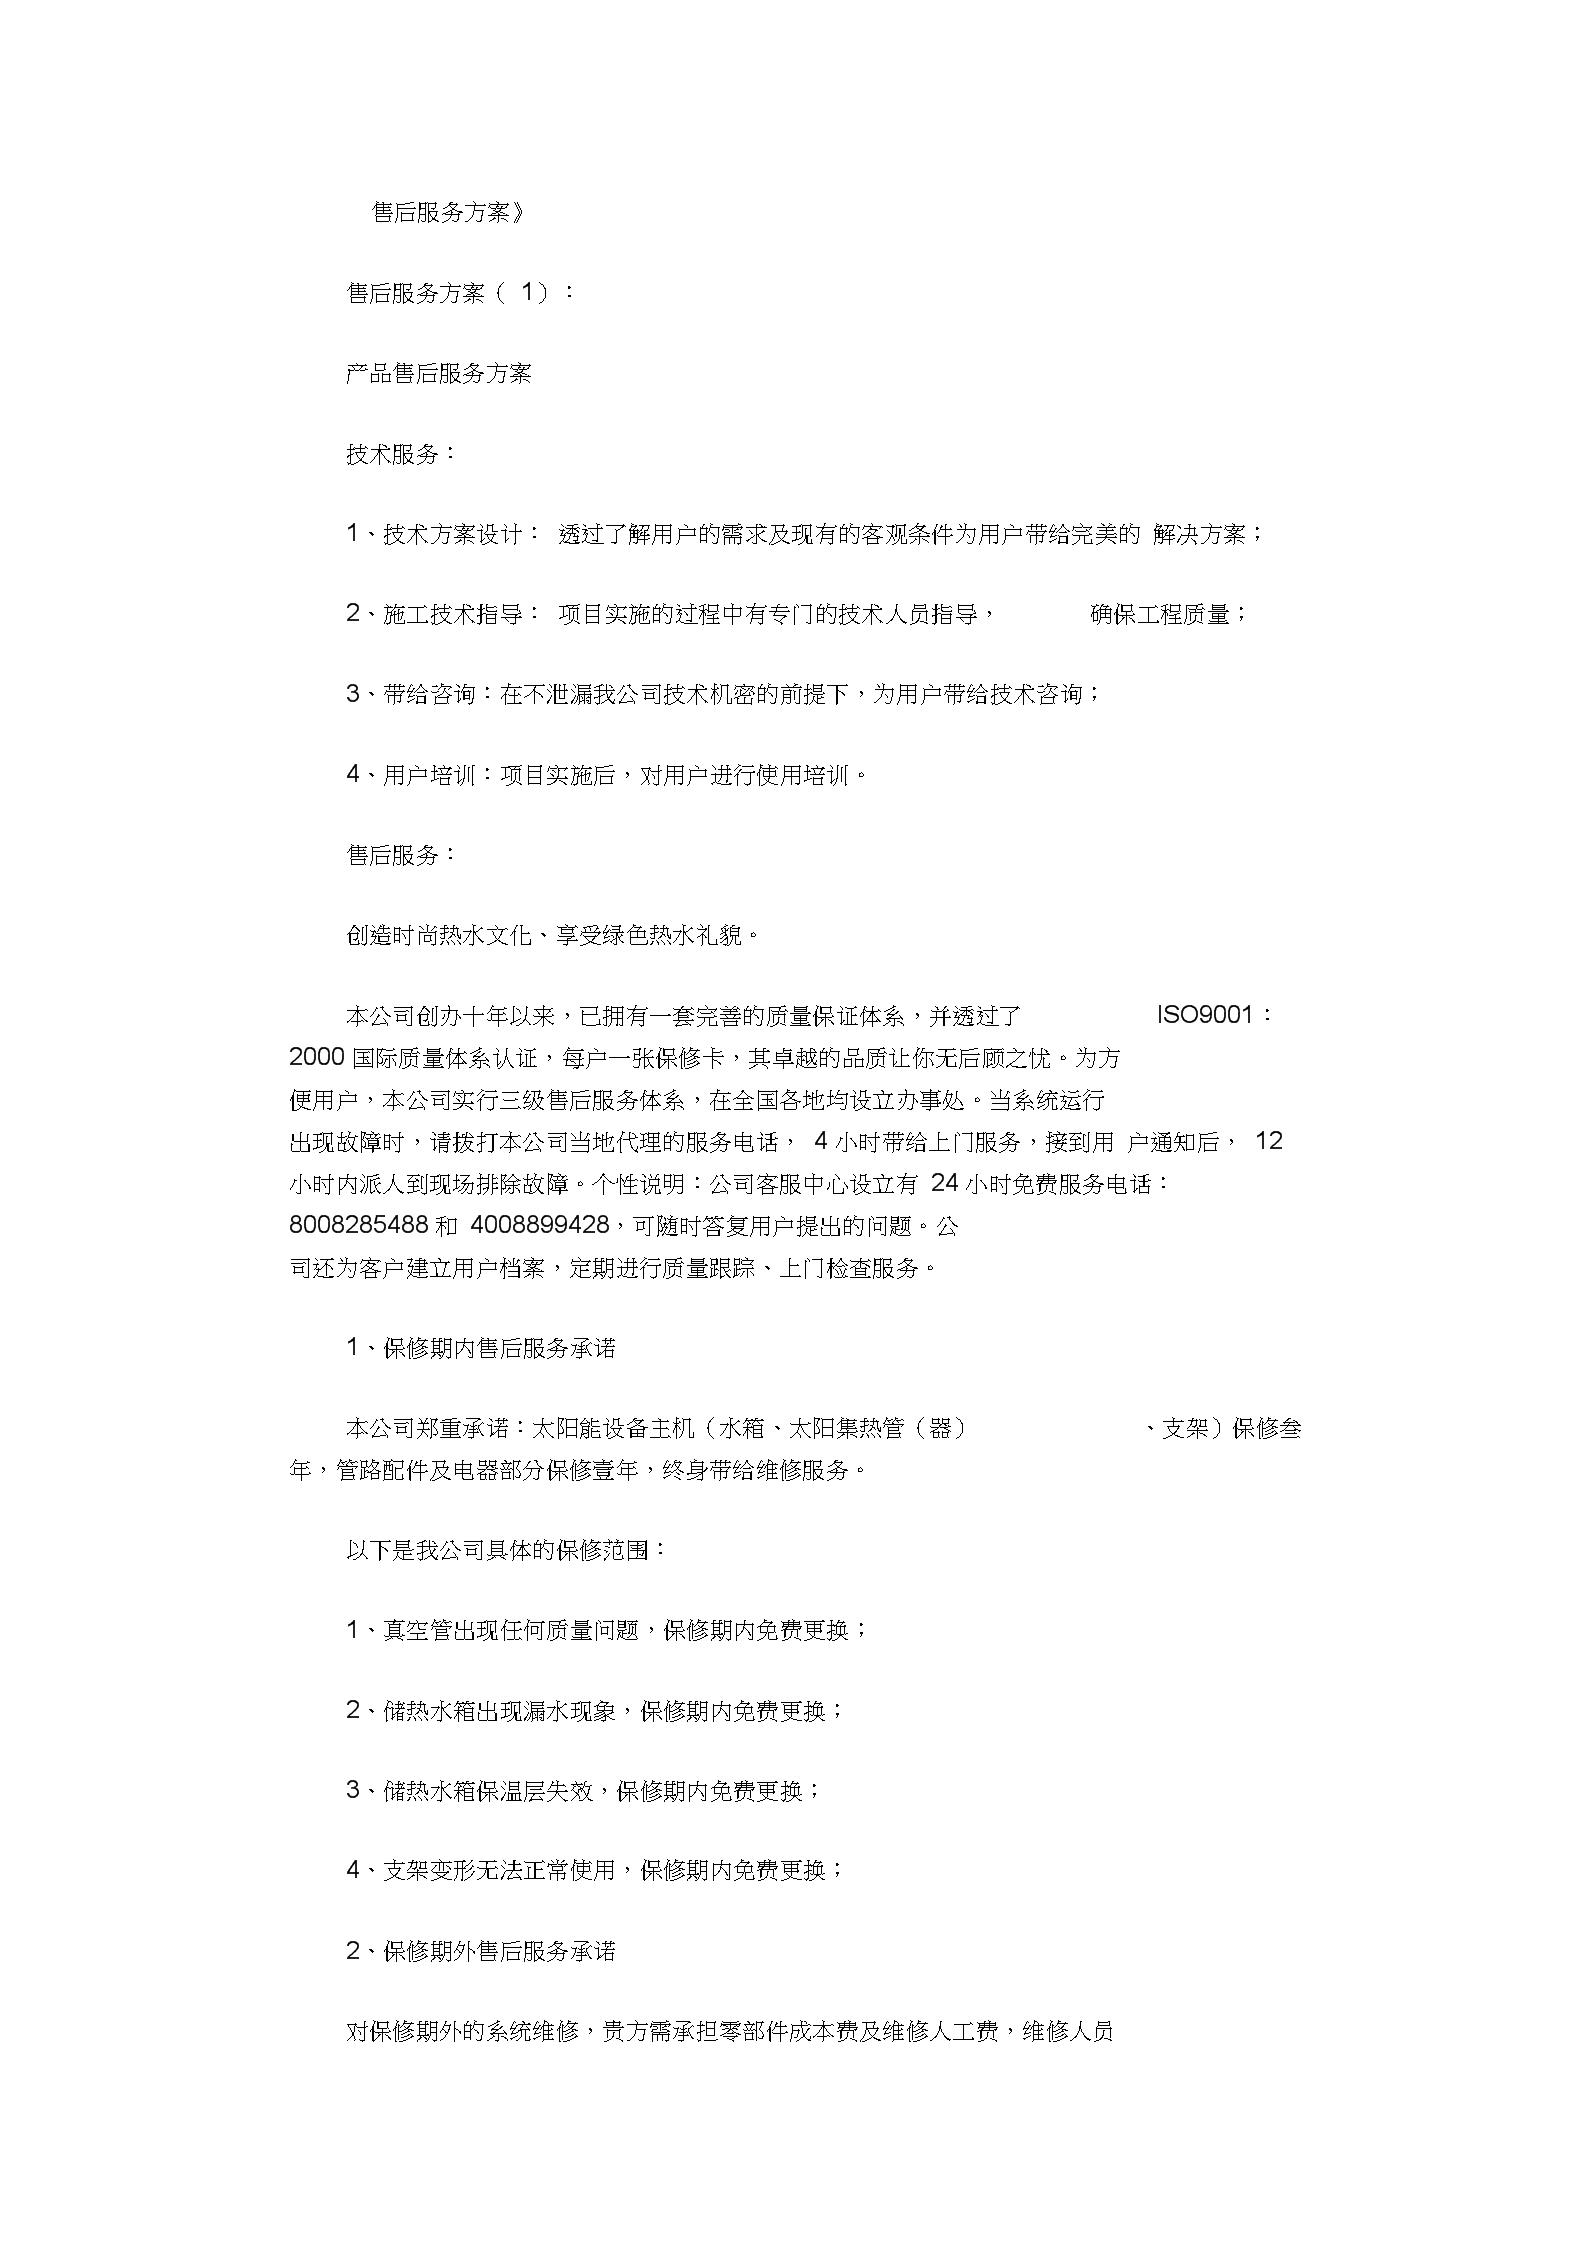 售后服务方案10篇.docx